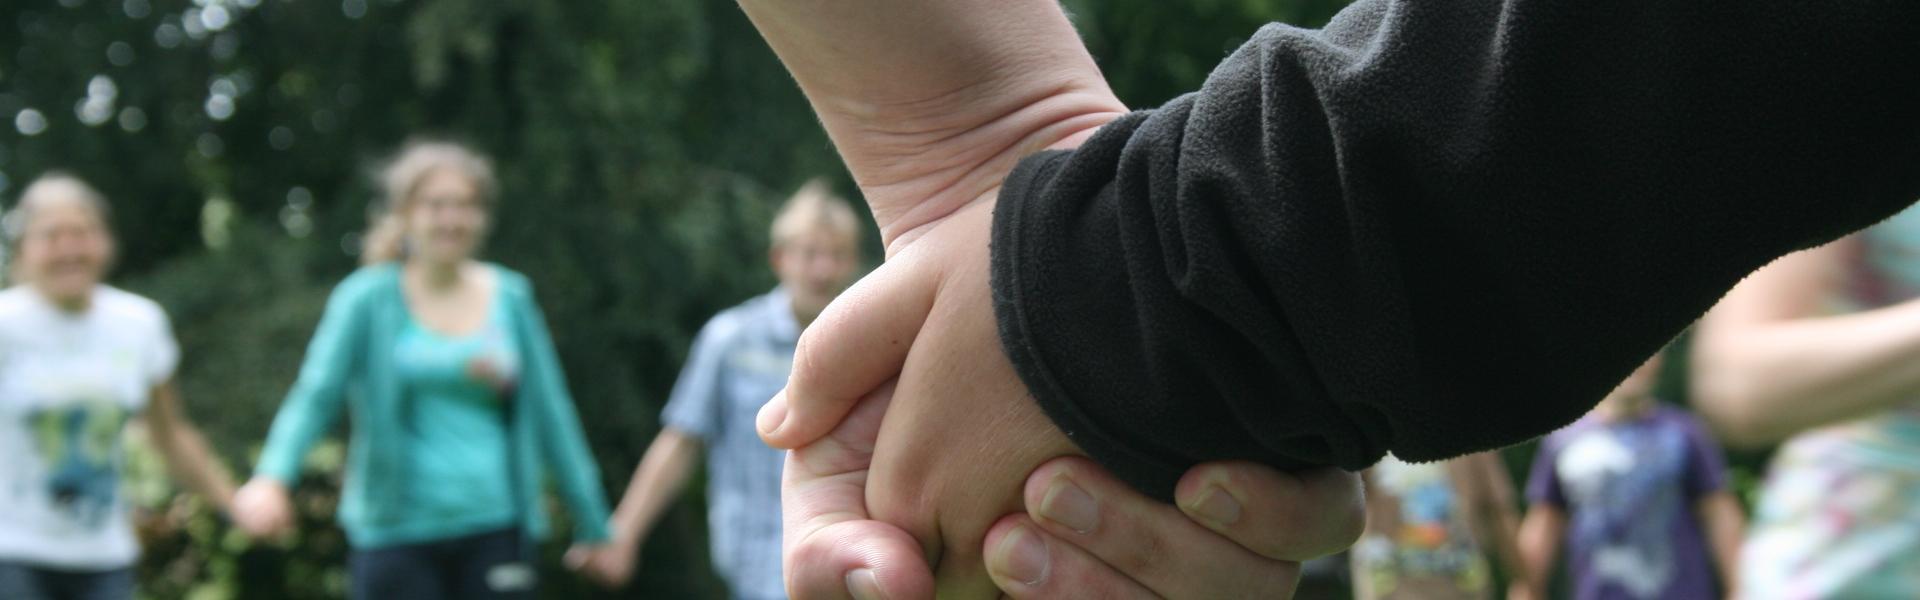 Hände halten beim Workcamp